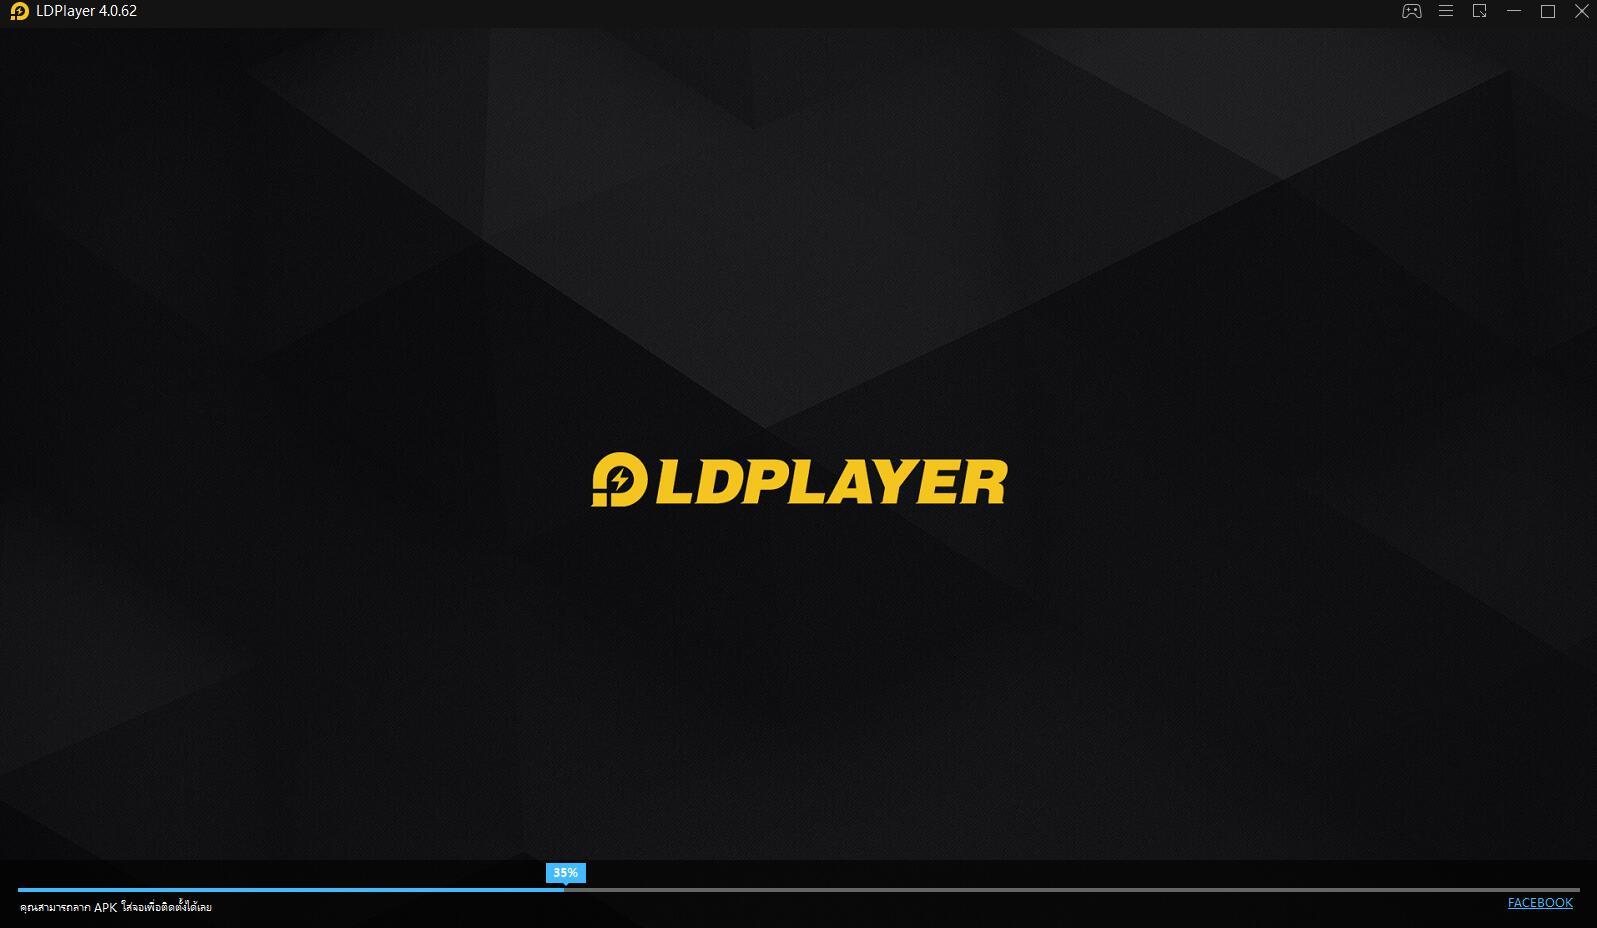 วิธีการติดตั้งและเล่น Play Together บน PC ด้วยอีมูเลเตอร์